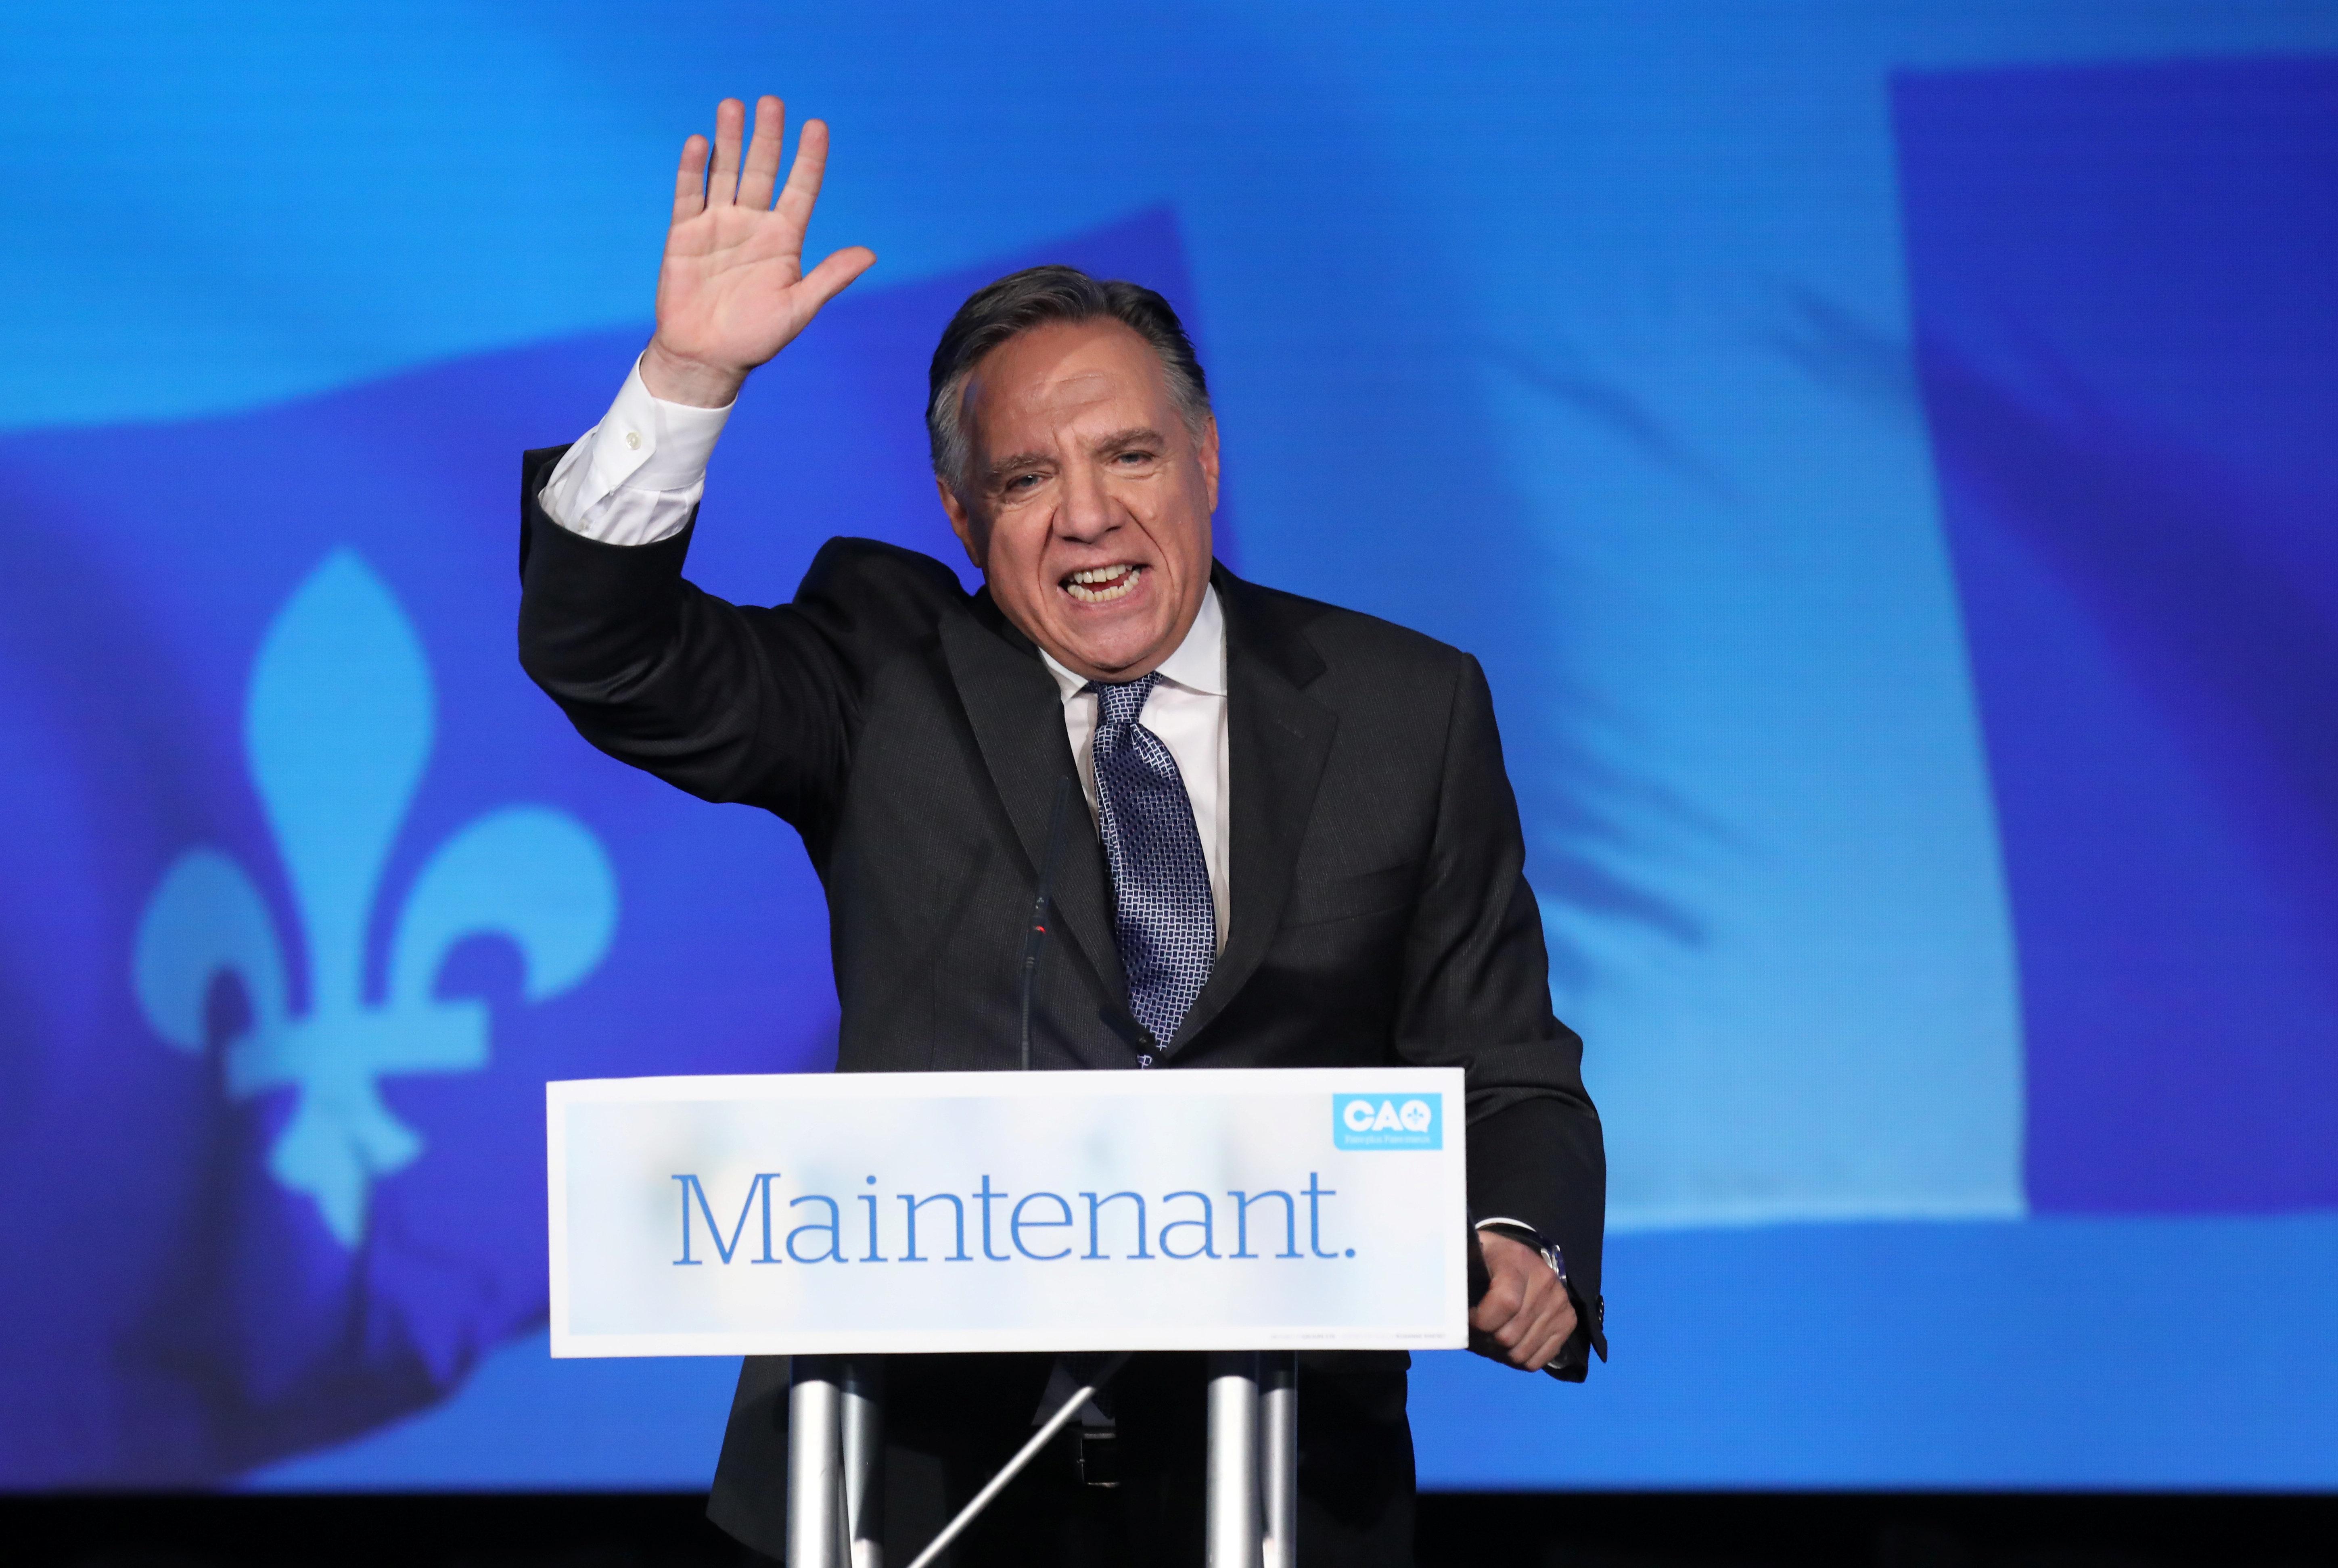 Pour la première fois, le Québec élit un gouvernement nationaliste et